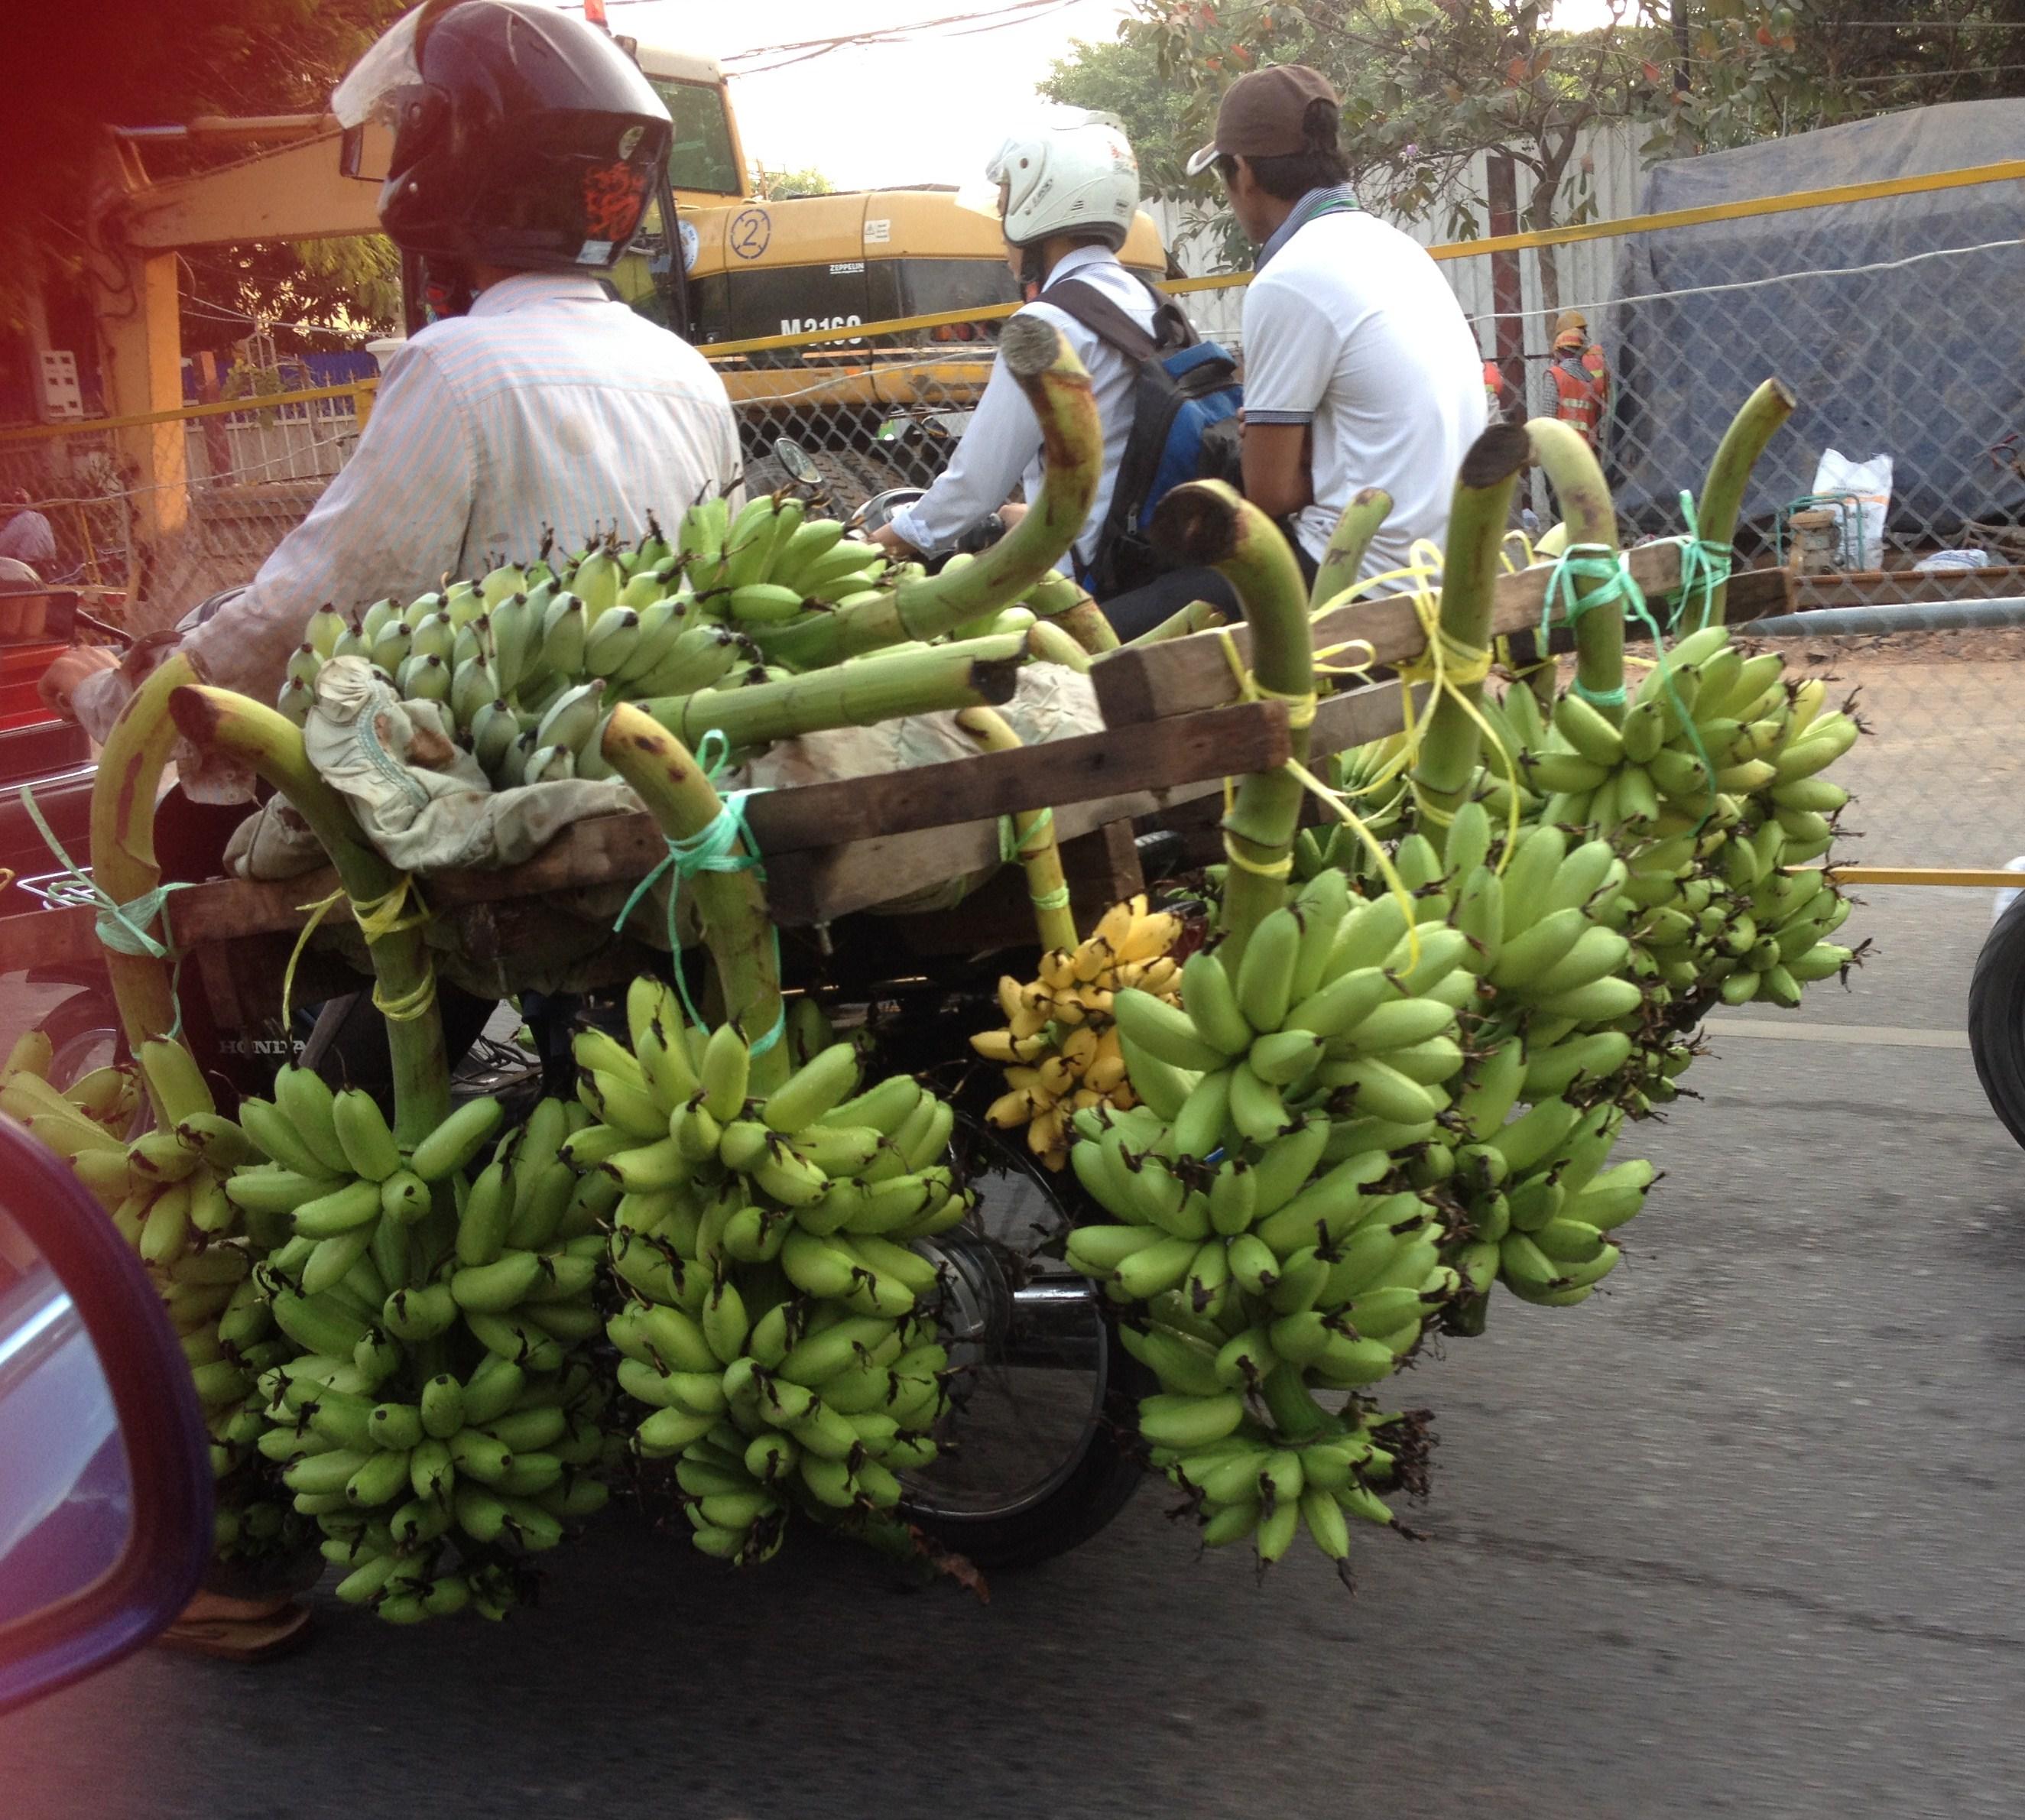 Khmer Festive Sweet Num Ansom Chek Banana Filled